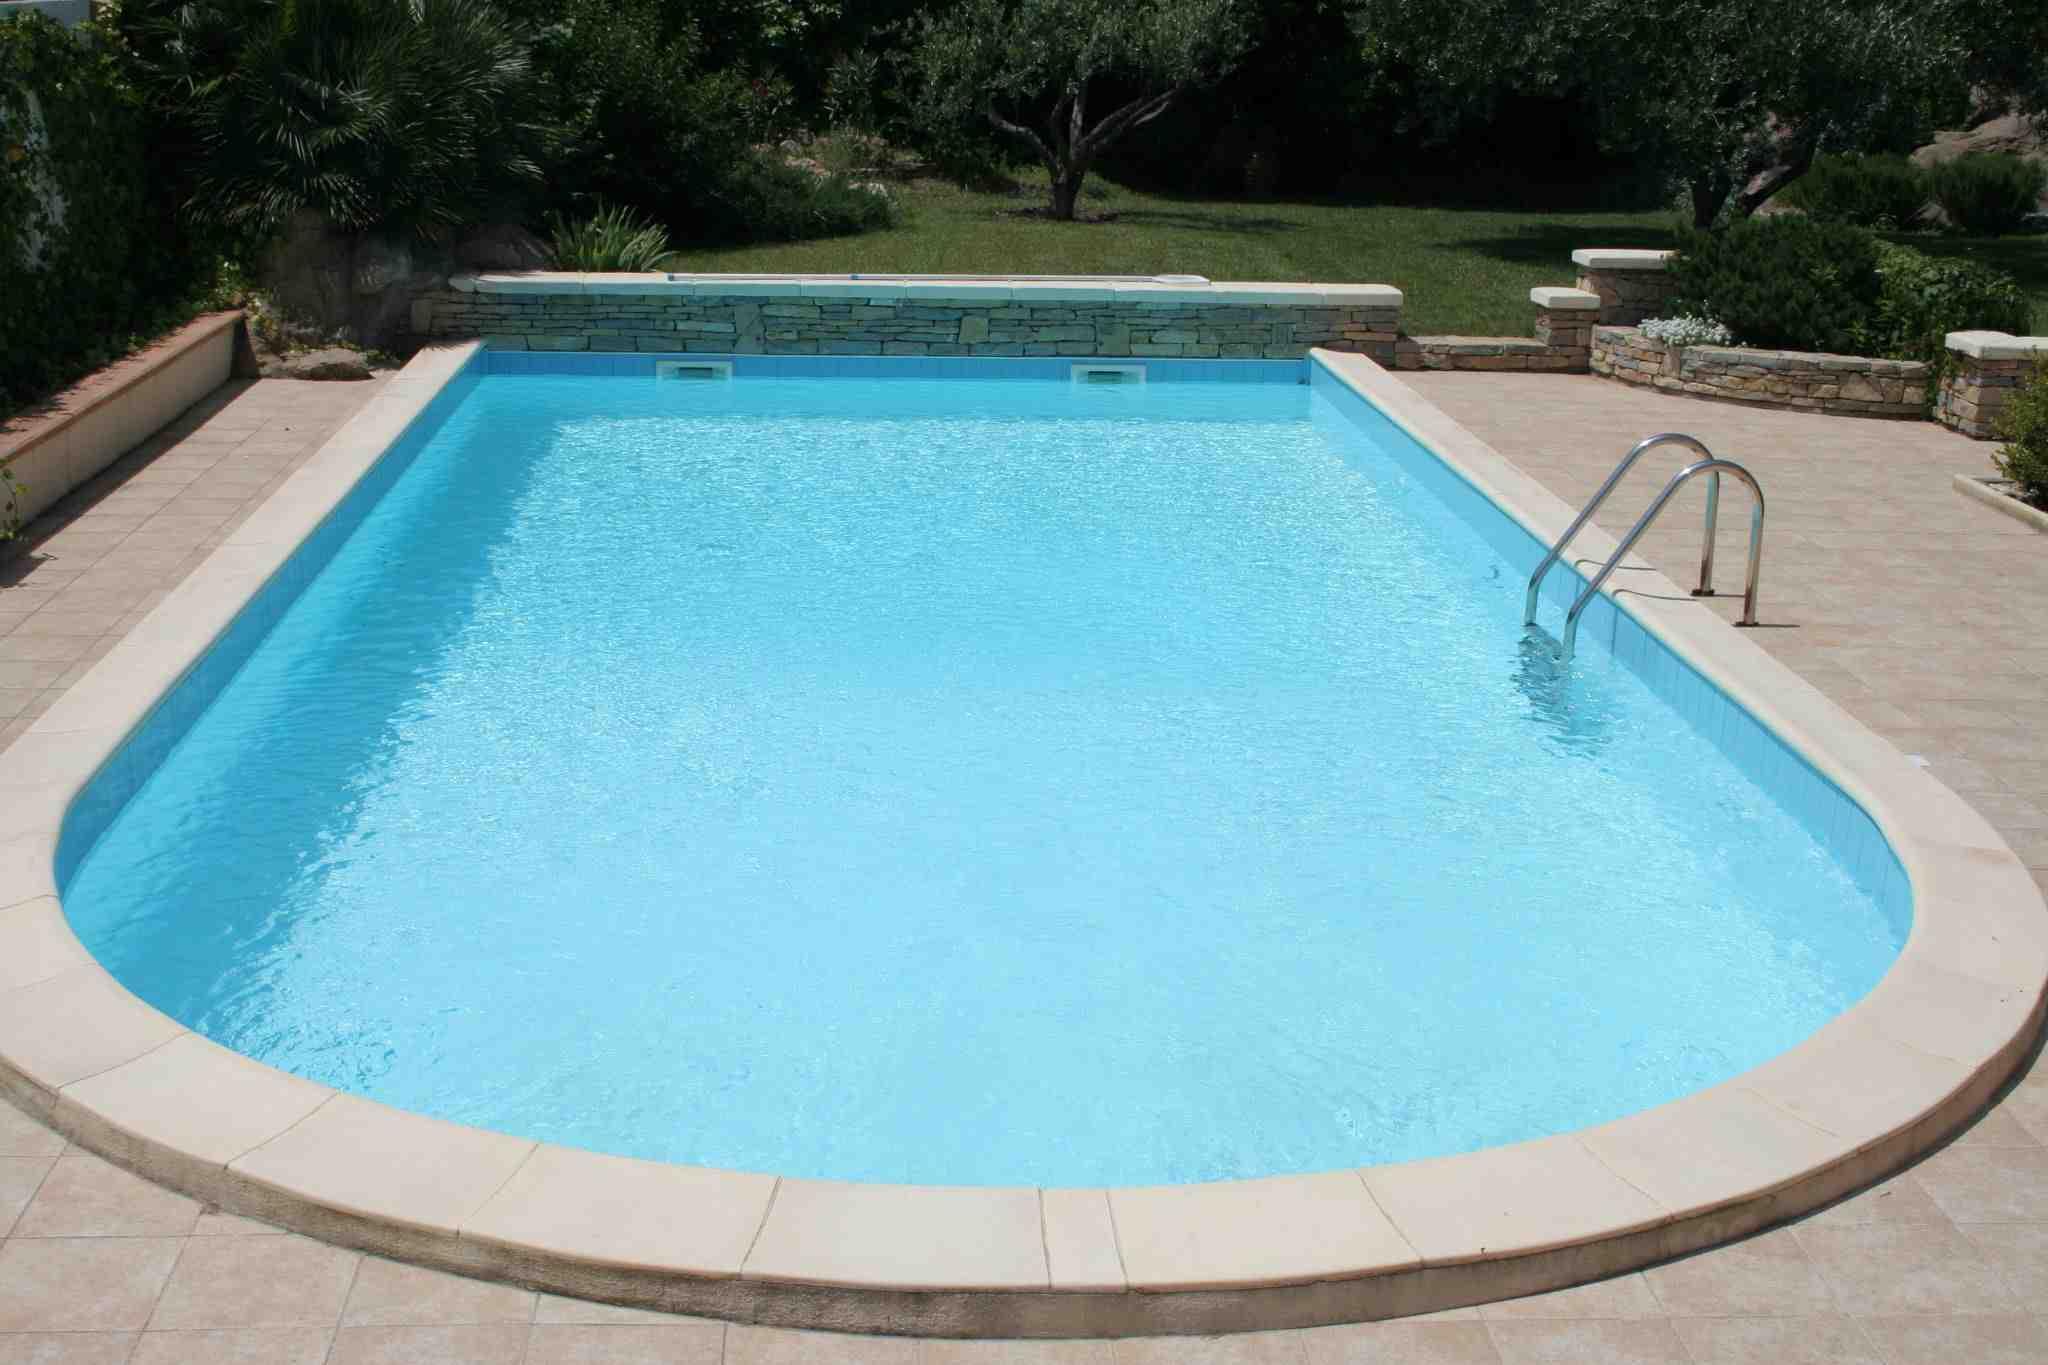 Pourquoi choisir piscine coque ?